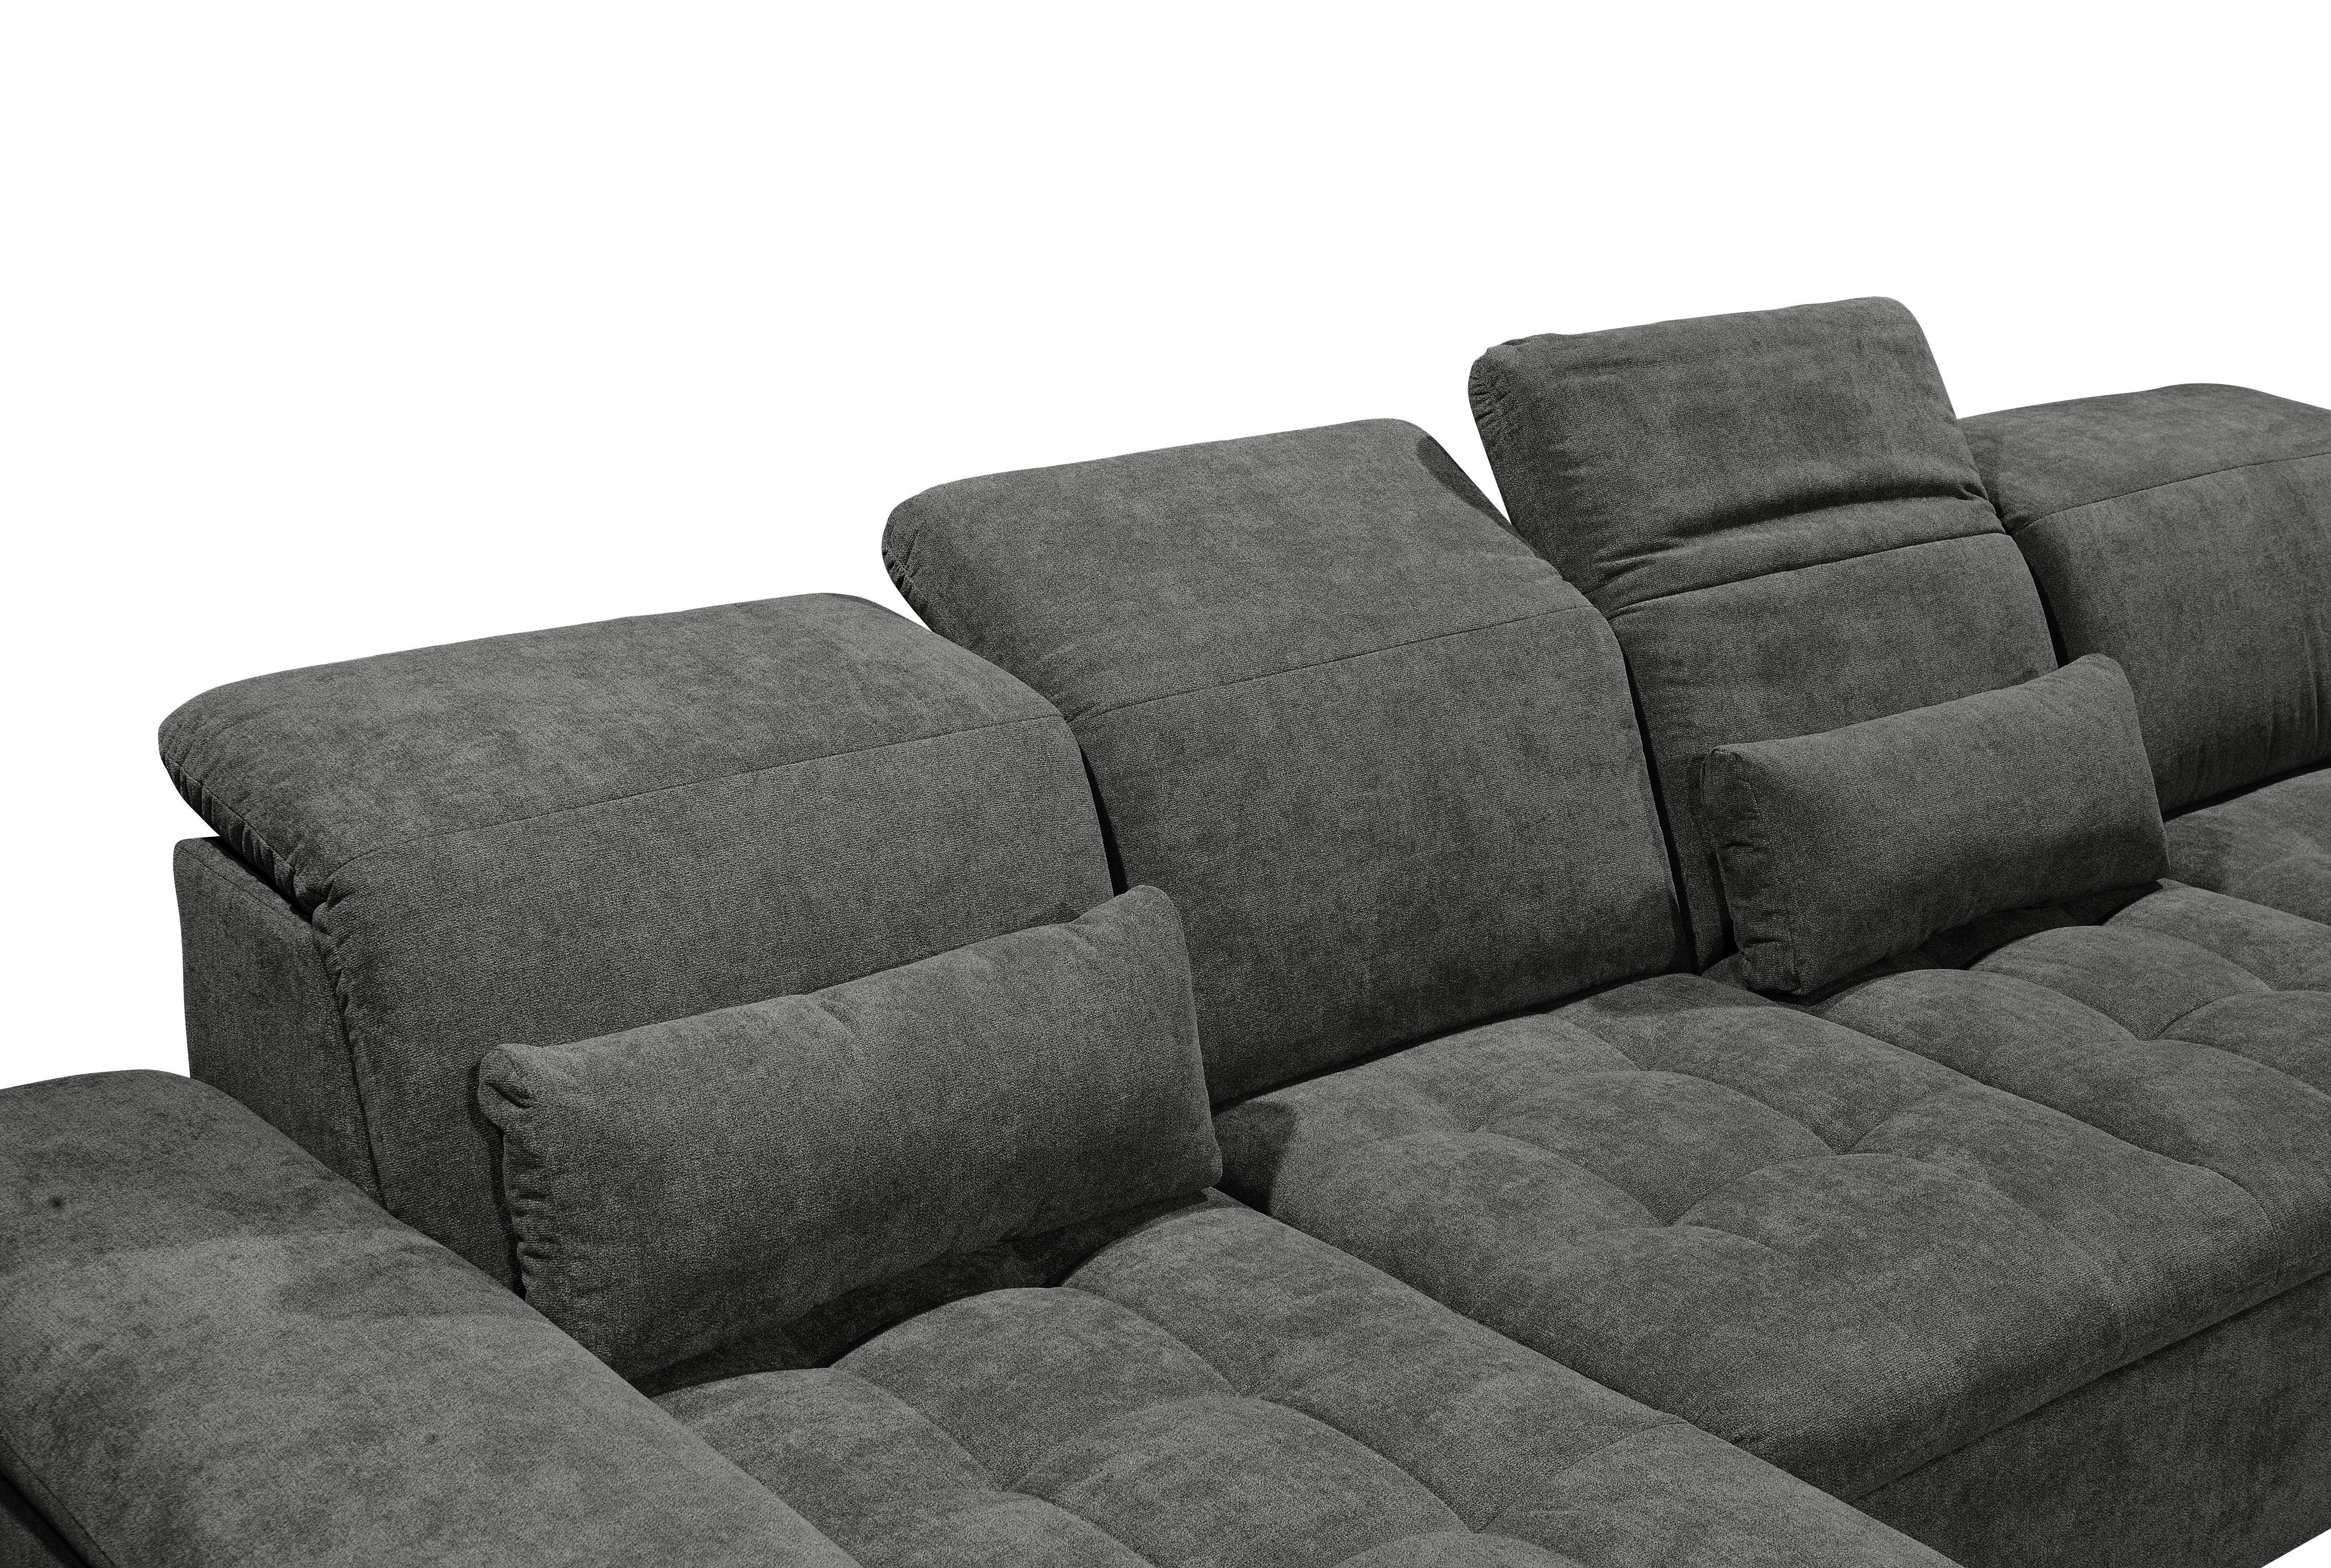 // 4teilig 4-teilig GRAU BLAU//Grey LINE 4-Jahreszeiten Polyester-Bettw/äsche 135x200 OVP Baumwolle SPARSET 4tlg